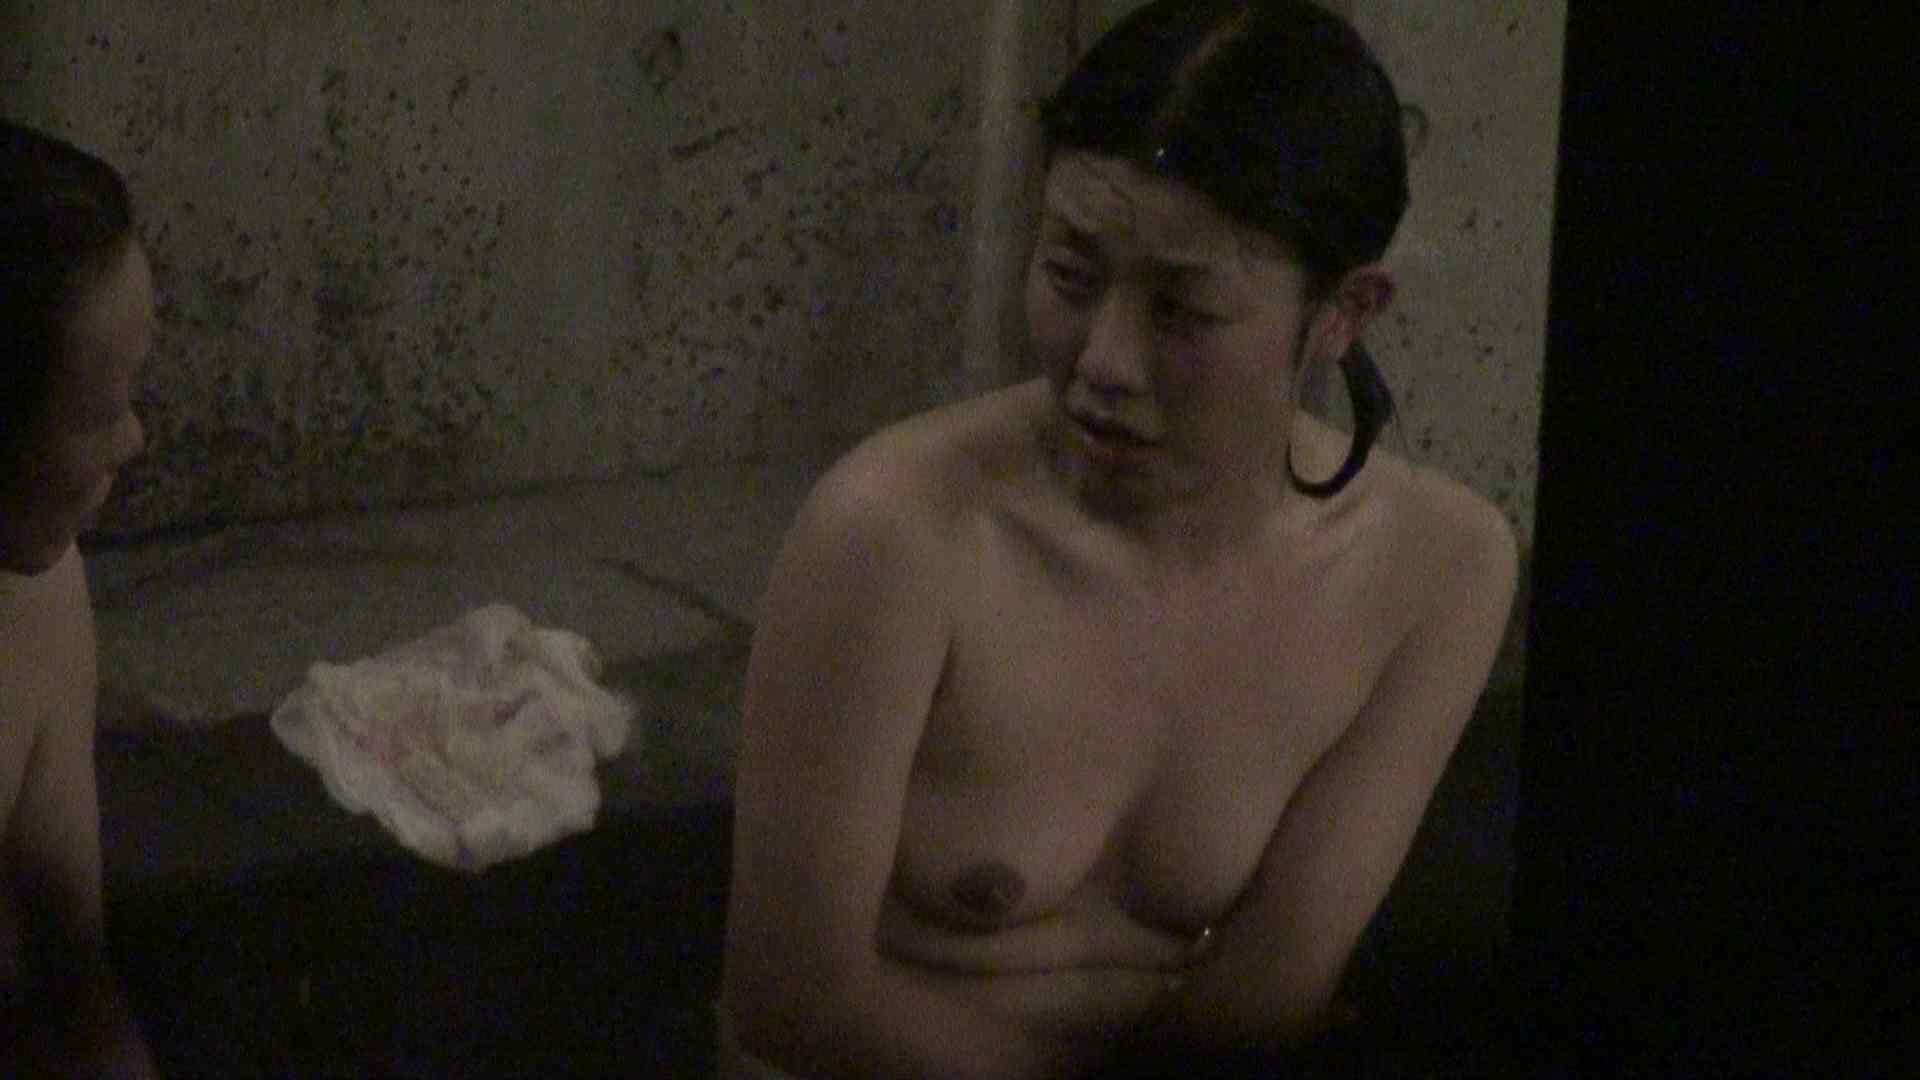 Aquaな露天風呂Vol.330 OLのエロ生活  101連発 15